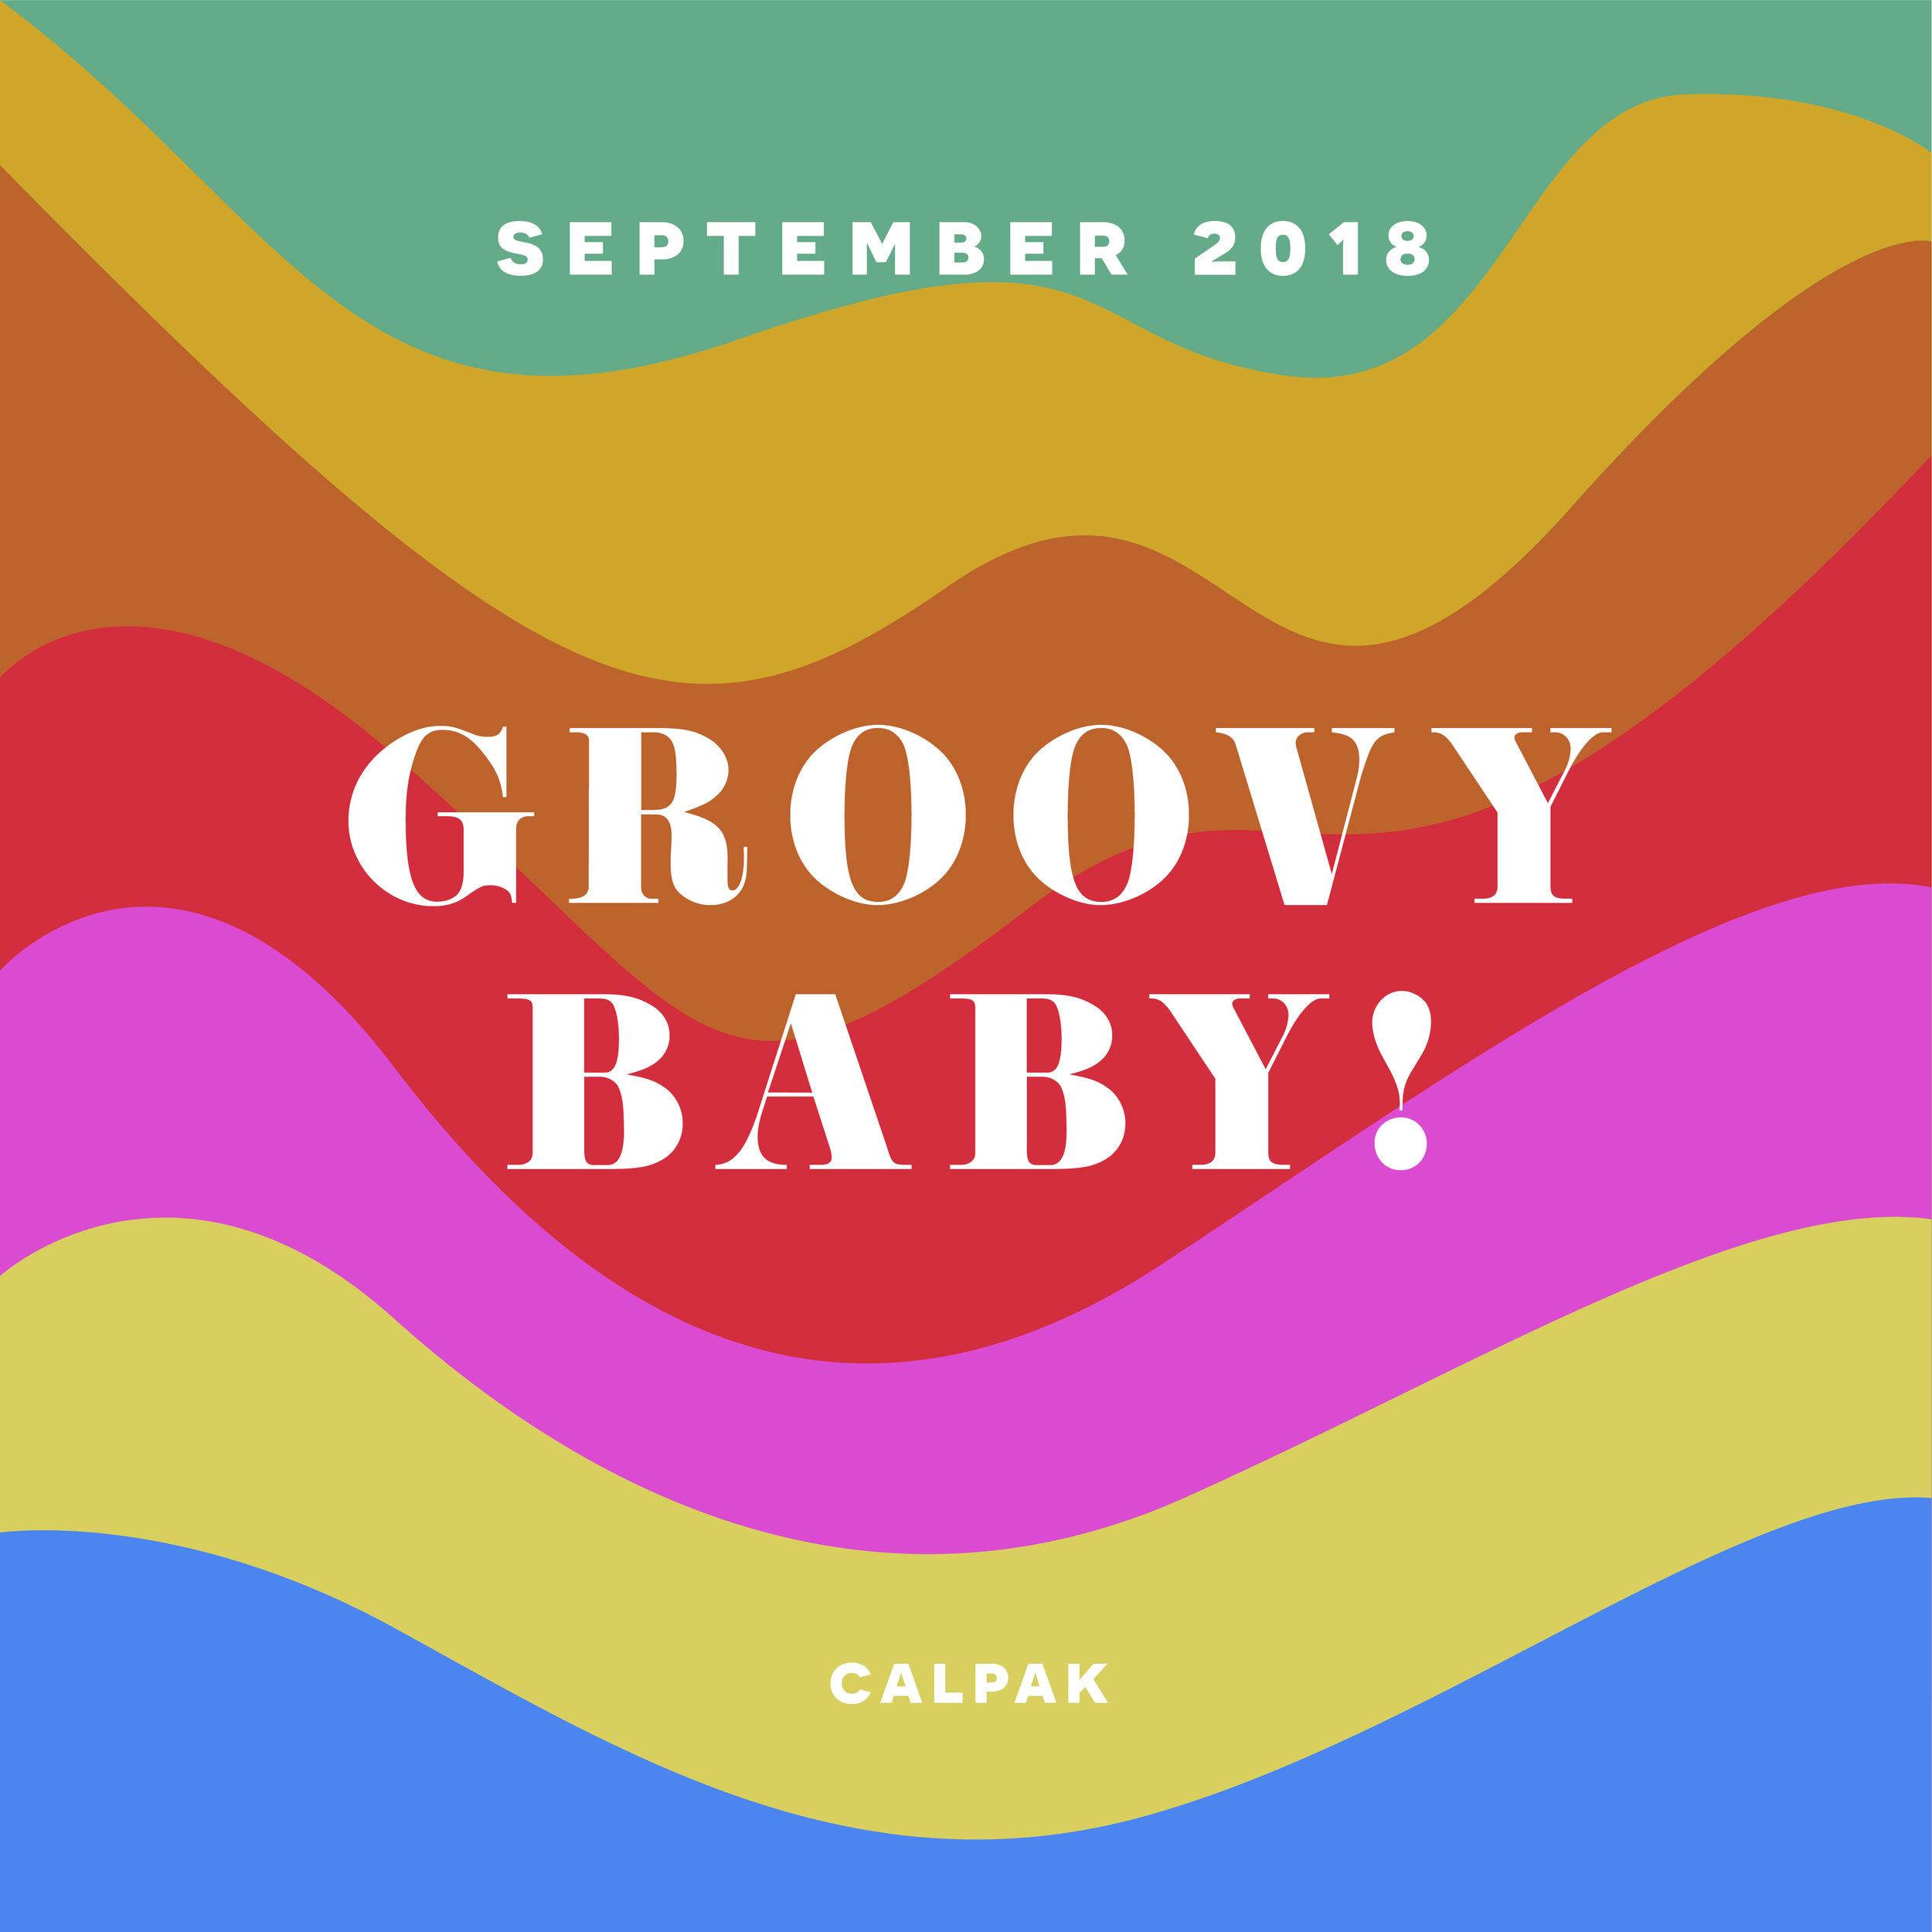 September 2018, GROOVY BABY!, CALPAK